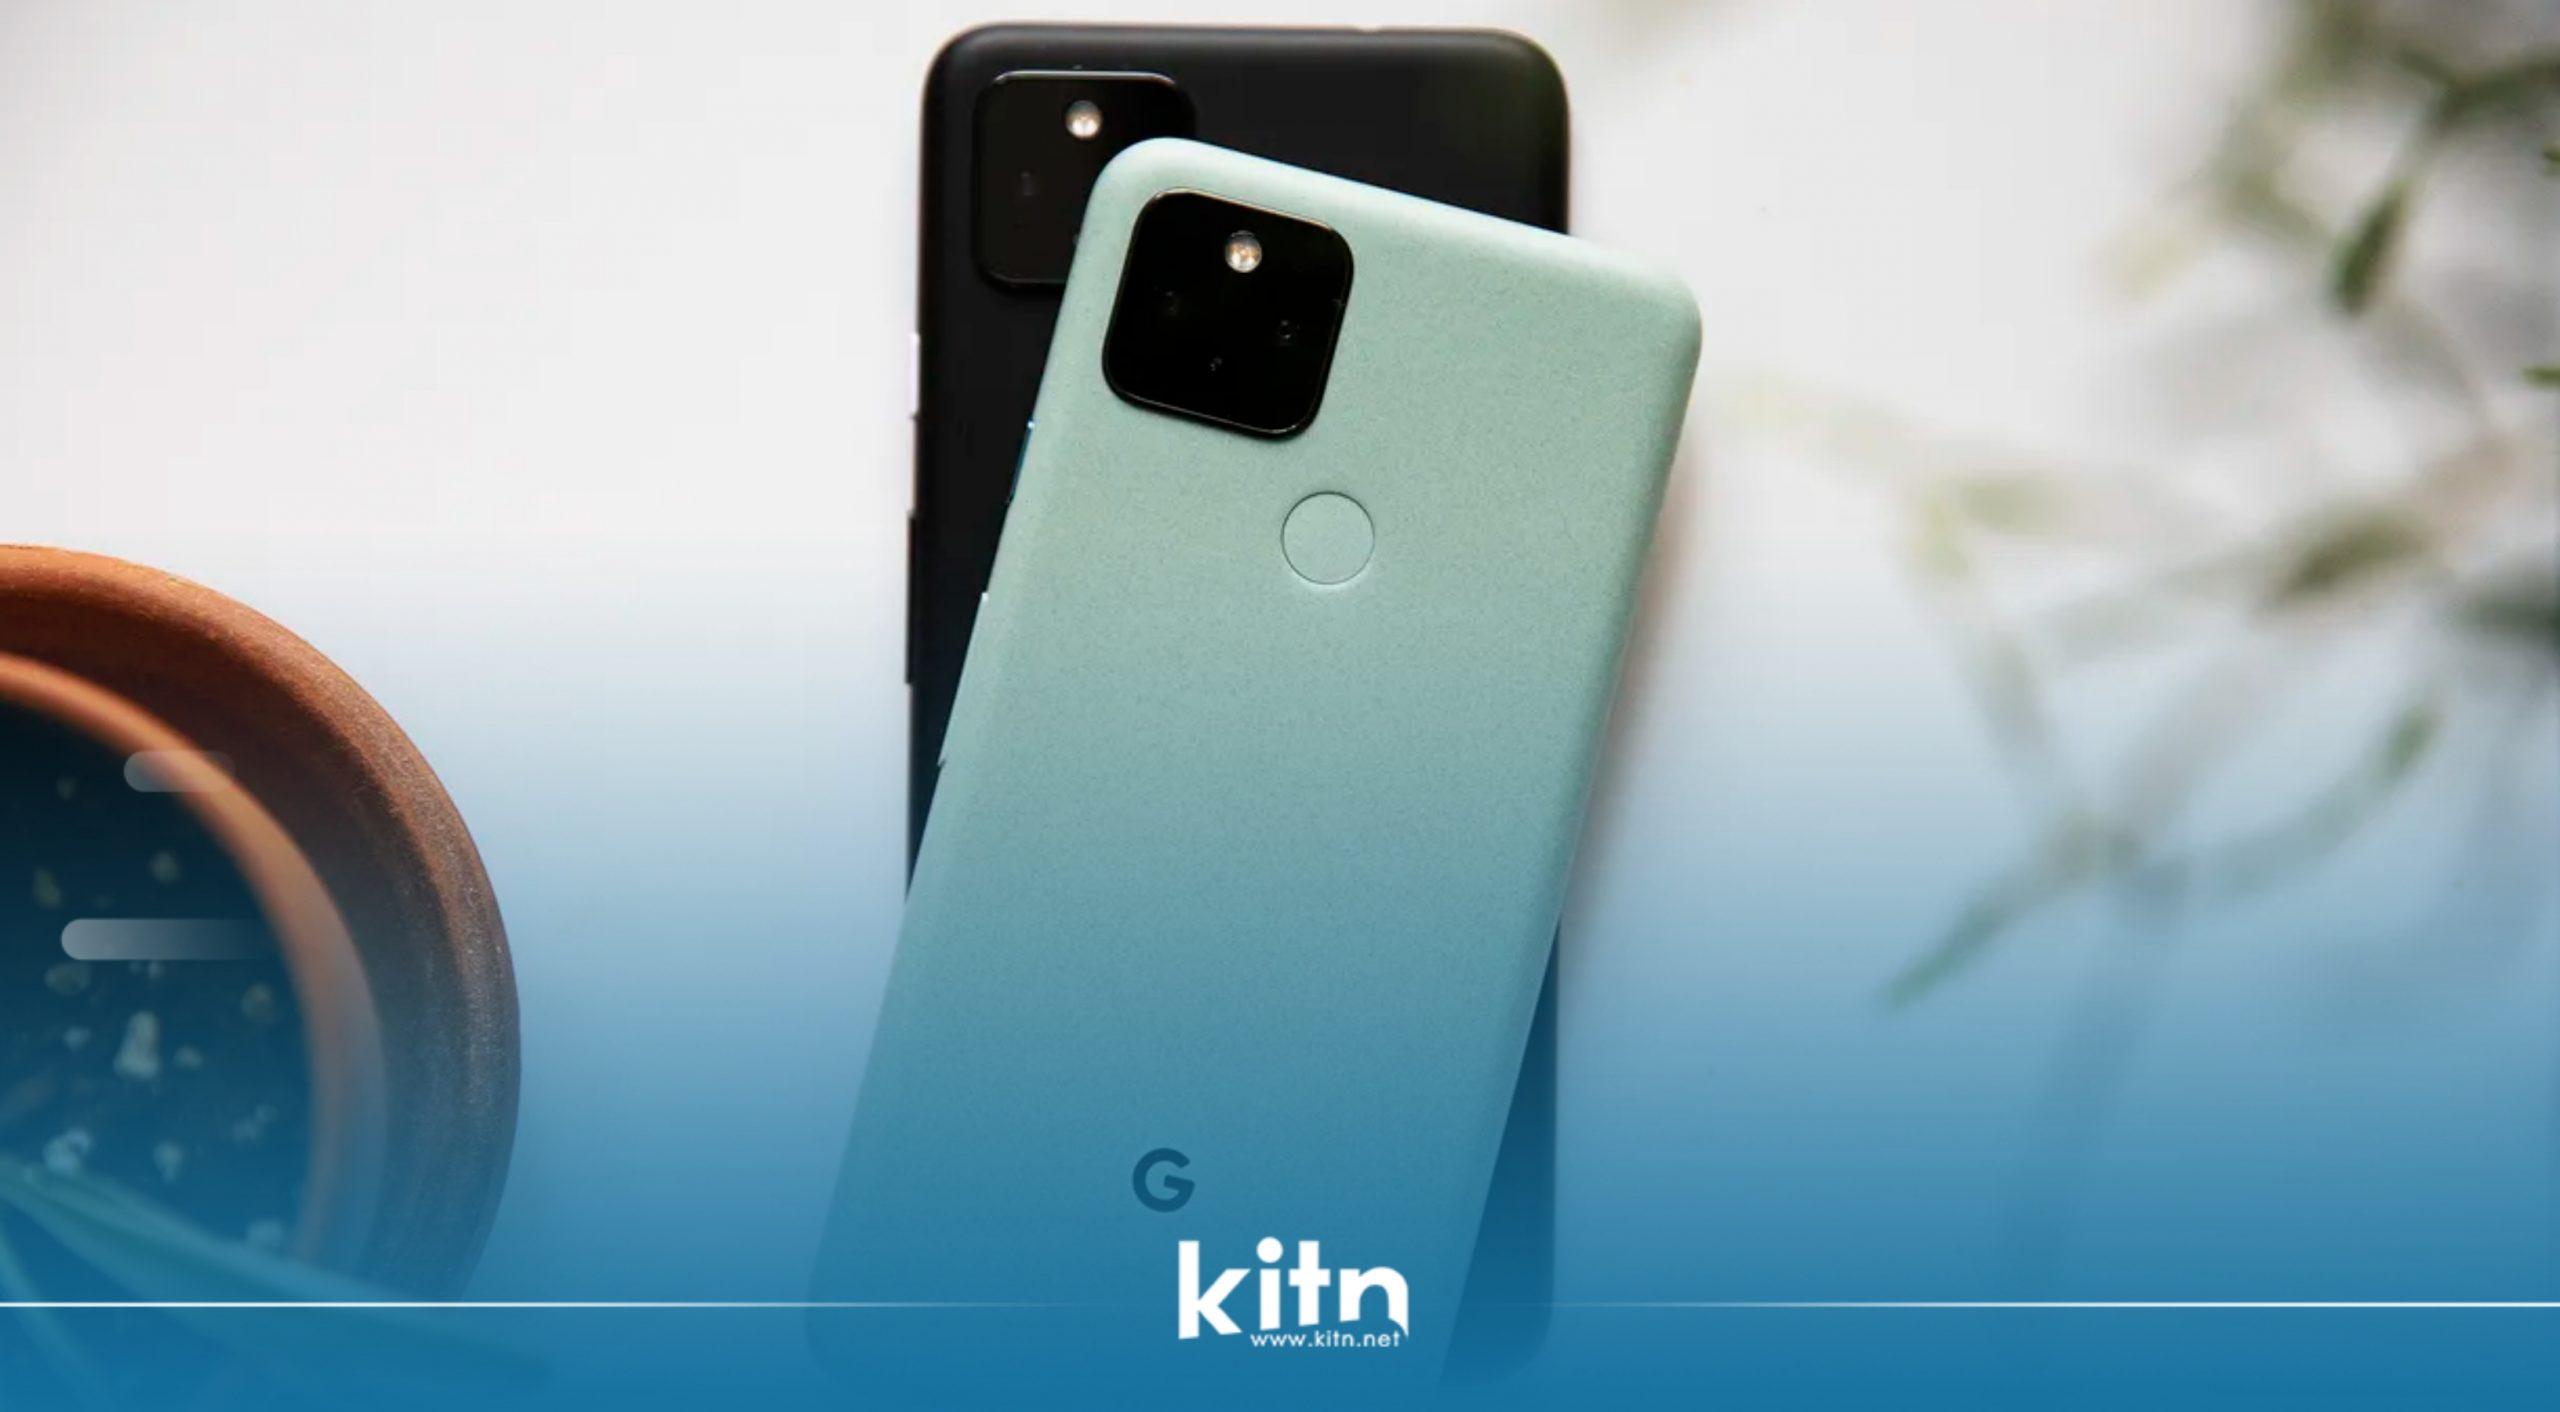 هەندێک لە بەکارهێنەرانی مۆبایلی Google Pixel 5 ناتوانن کار بە ڤیدیۆکان بە جۆرایەتی HD بکەن لە تۆڕی نێتفلێکس بەهۆی کێشەی DRMـەوە